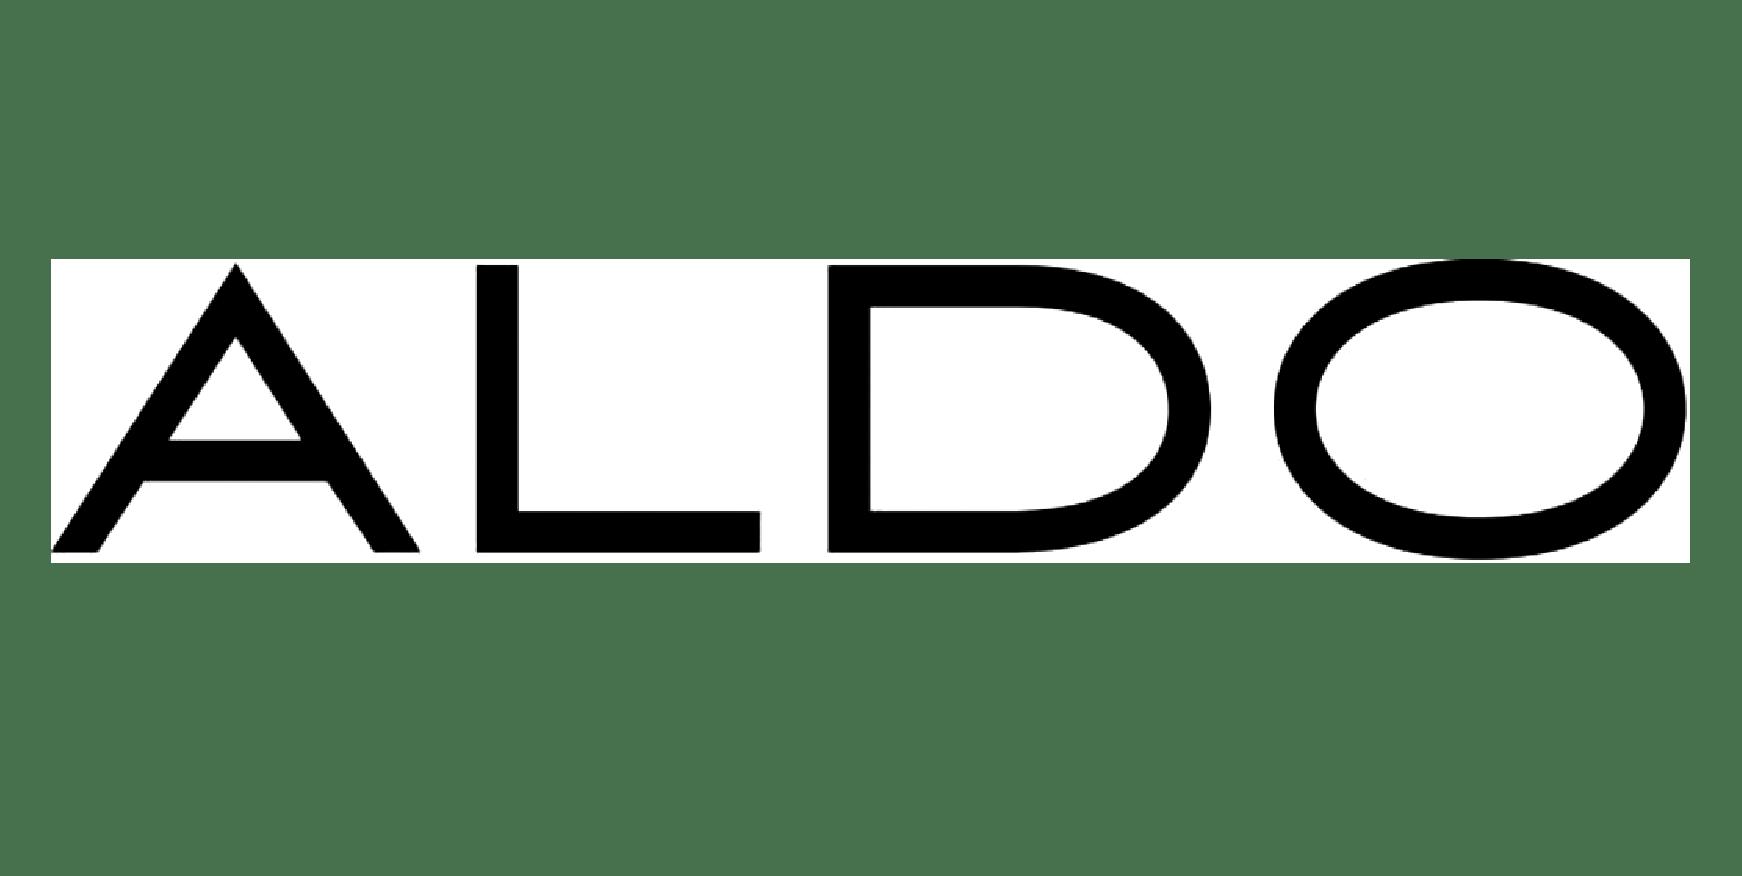 logos web_Mesa de trabajo 1 copia 7